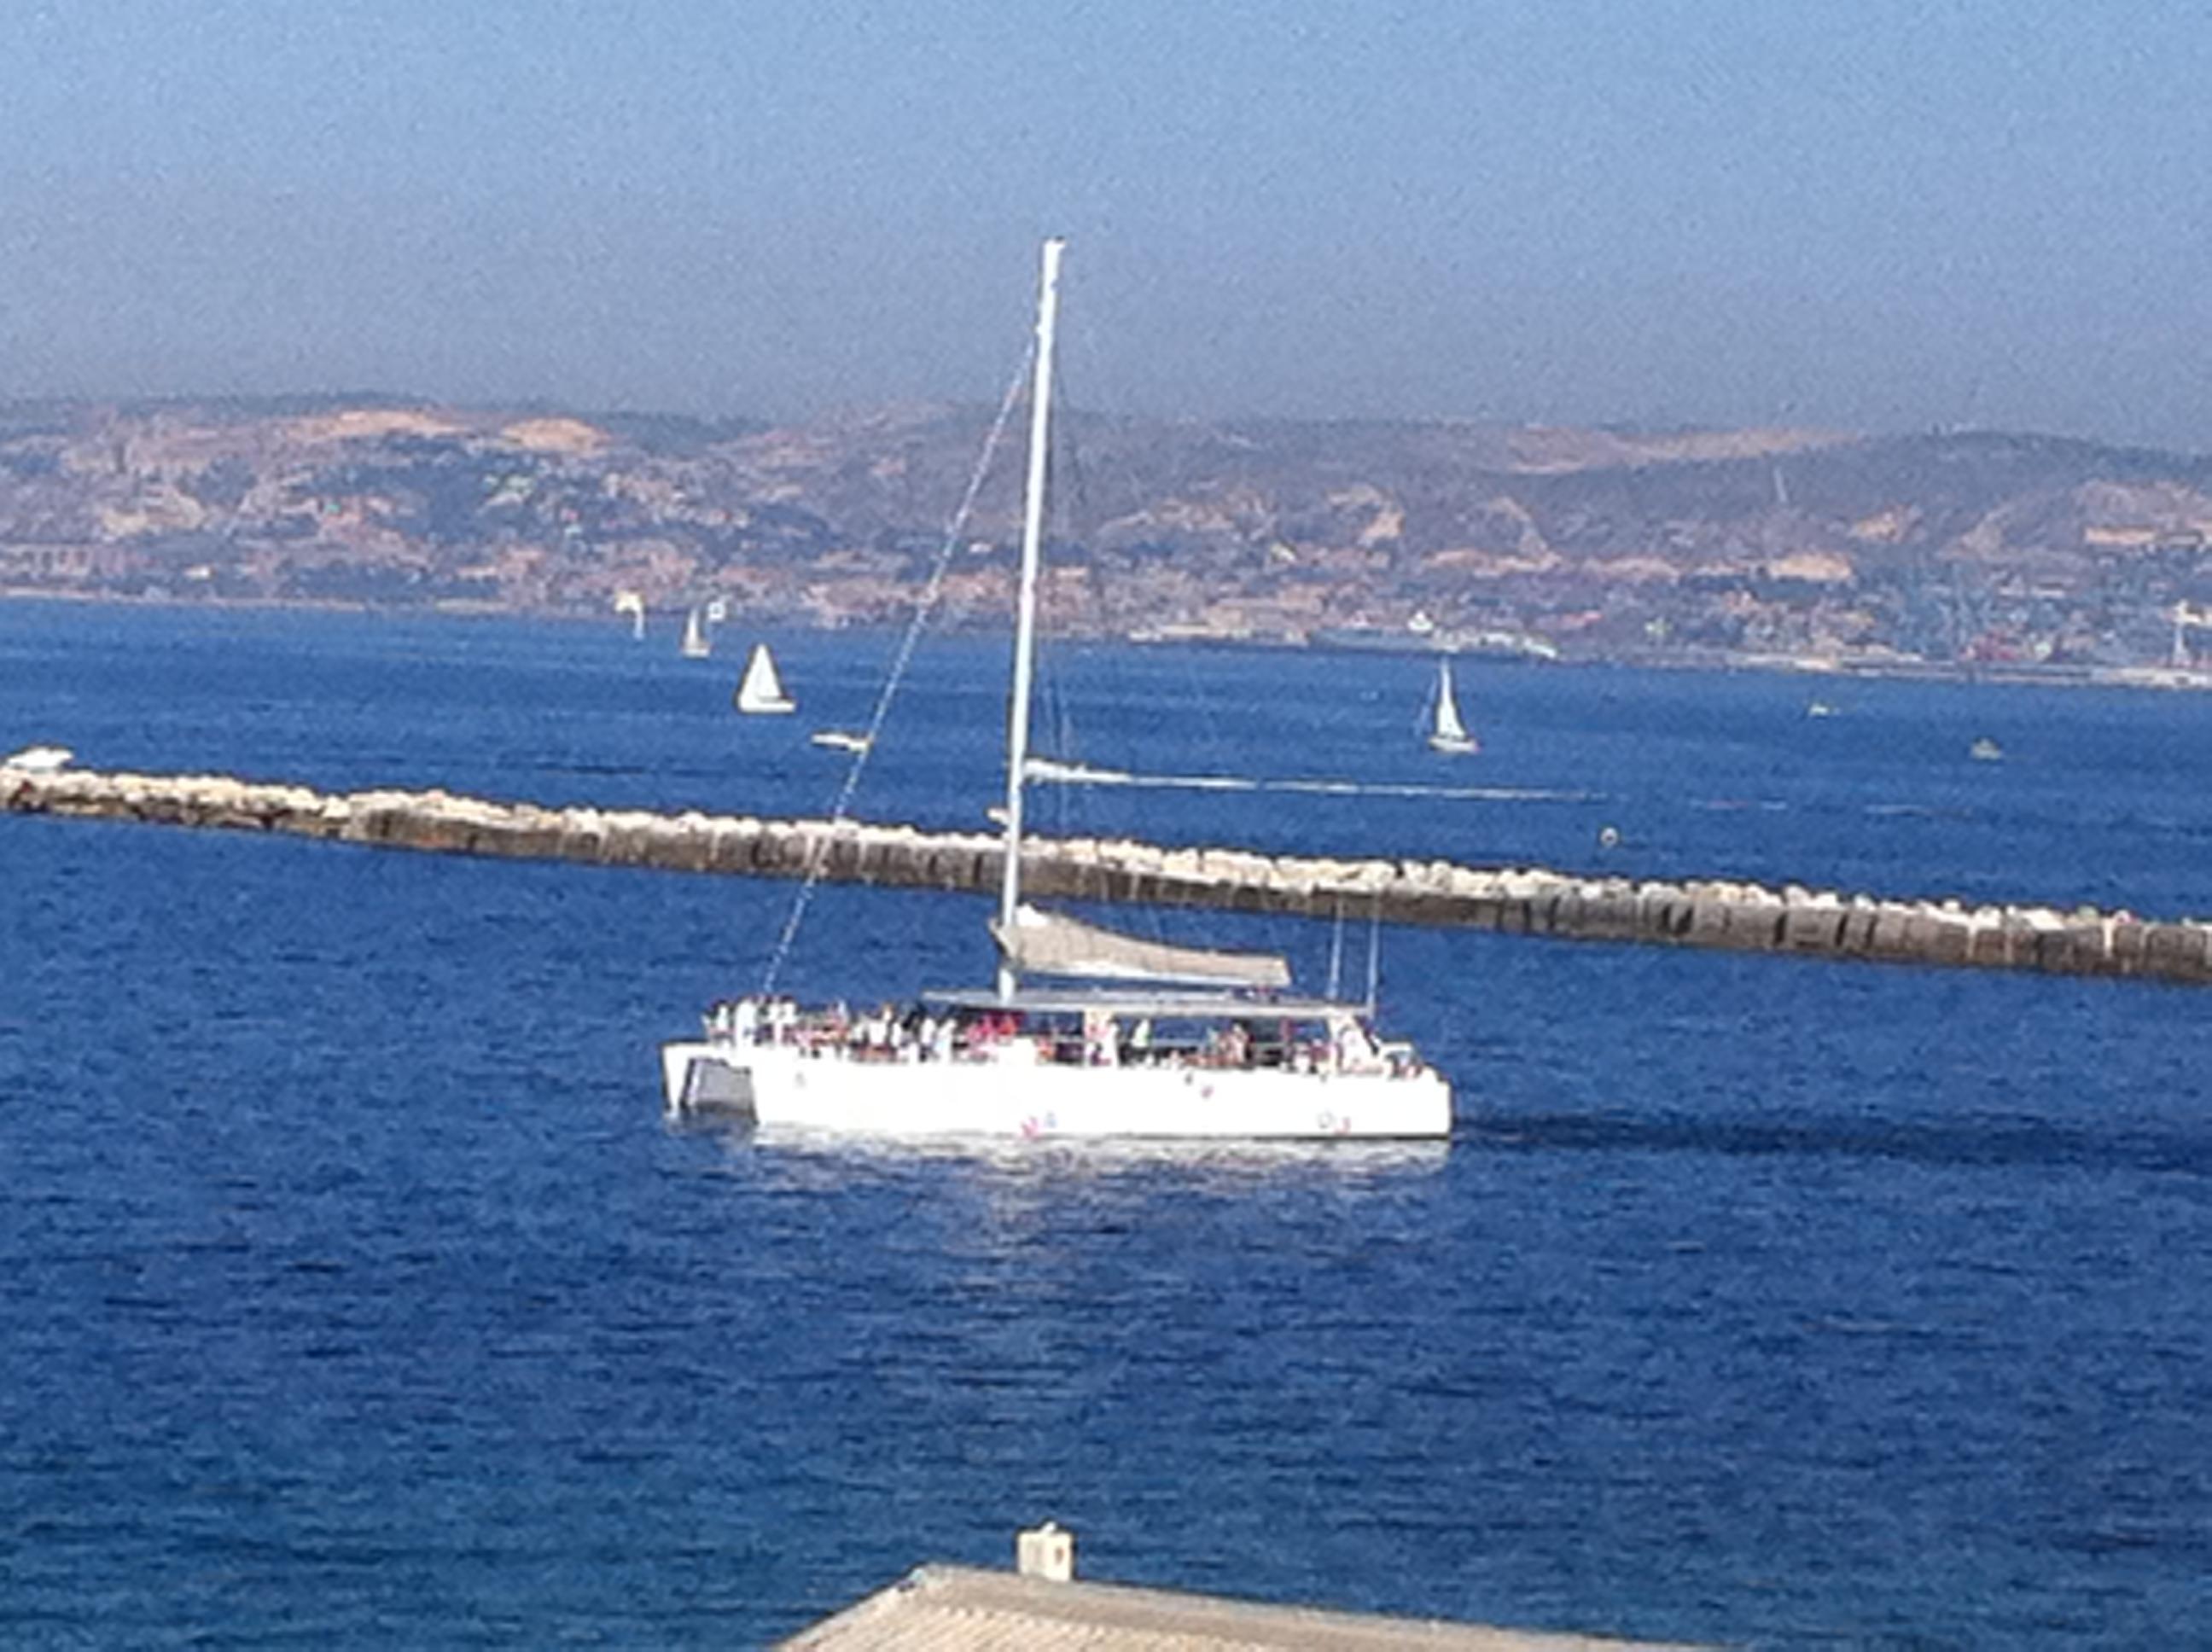 Dimanche : Que du bonheur dans la rade de Marseille !